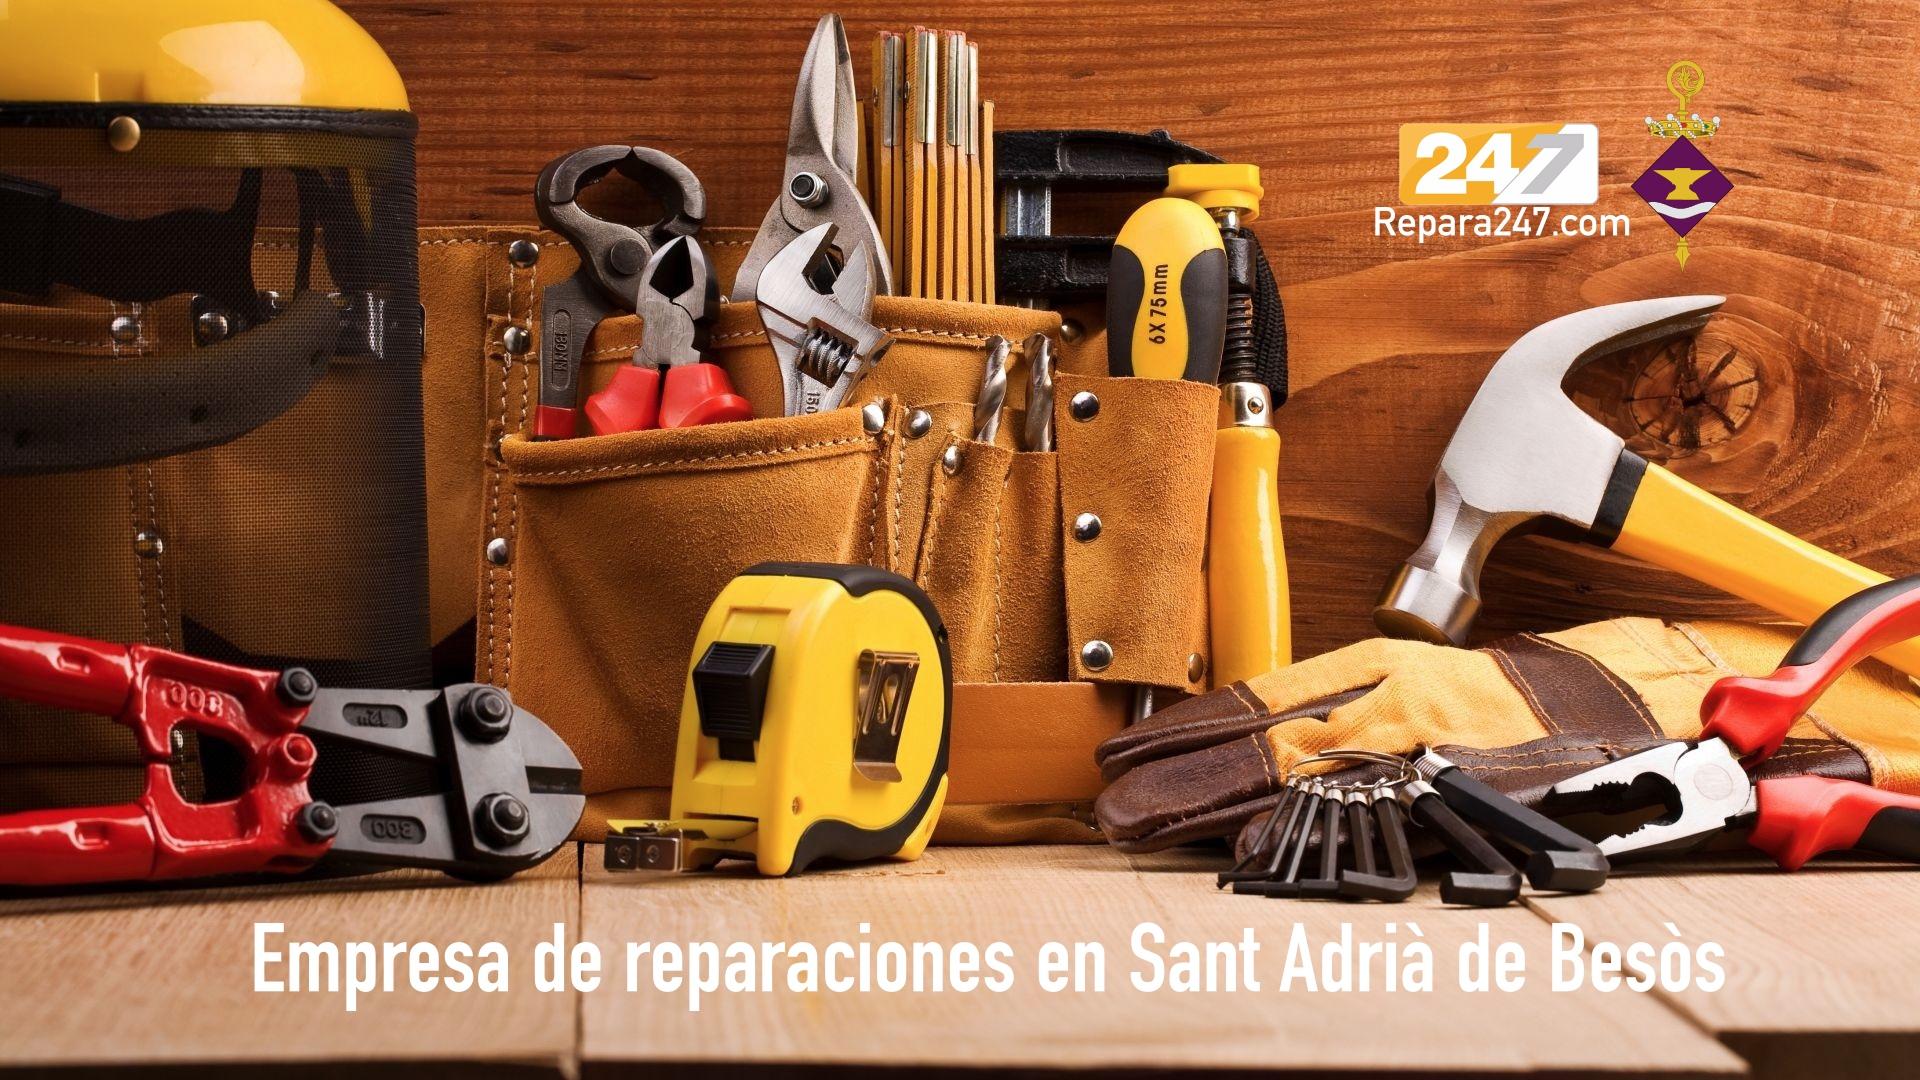 Empresa de reparaciones en Sant Adrià de Besòs